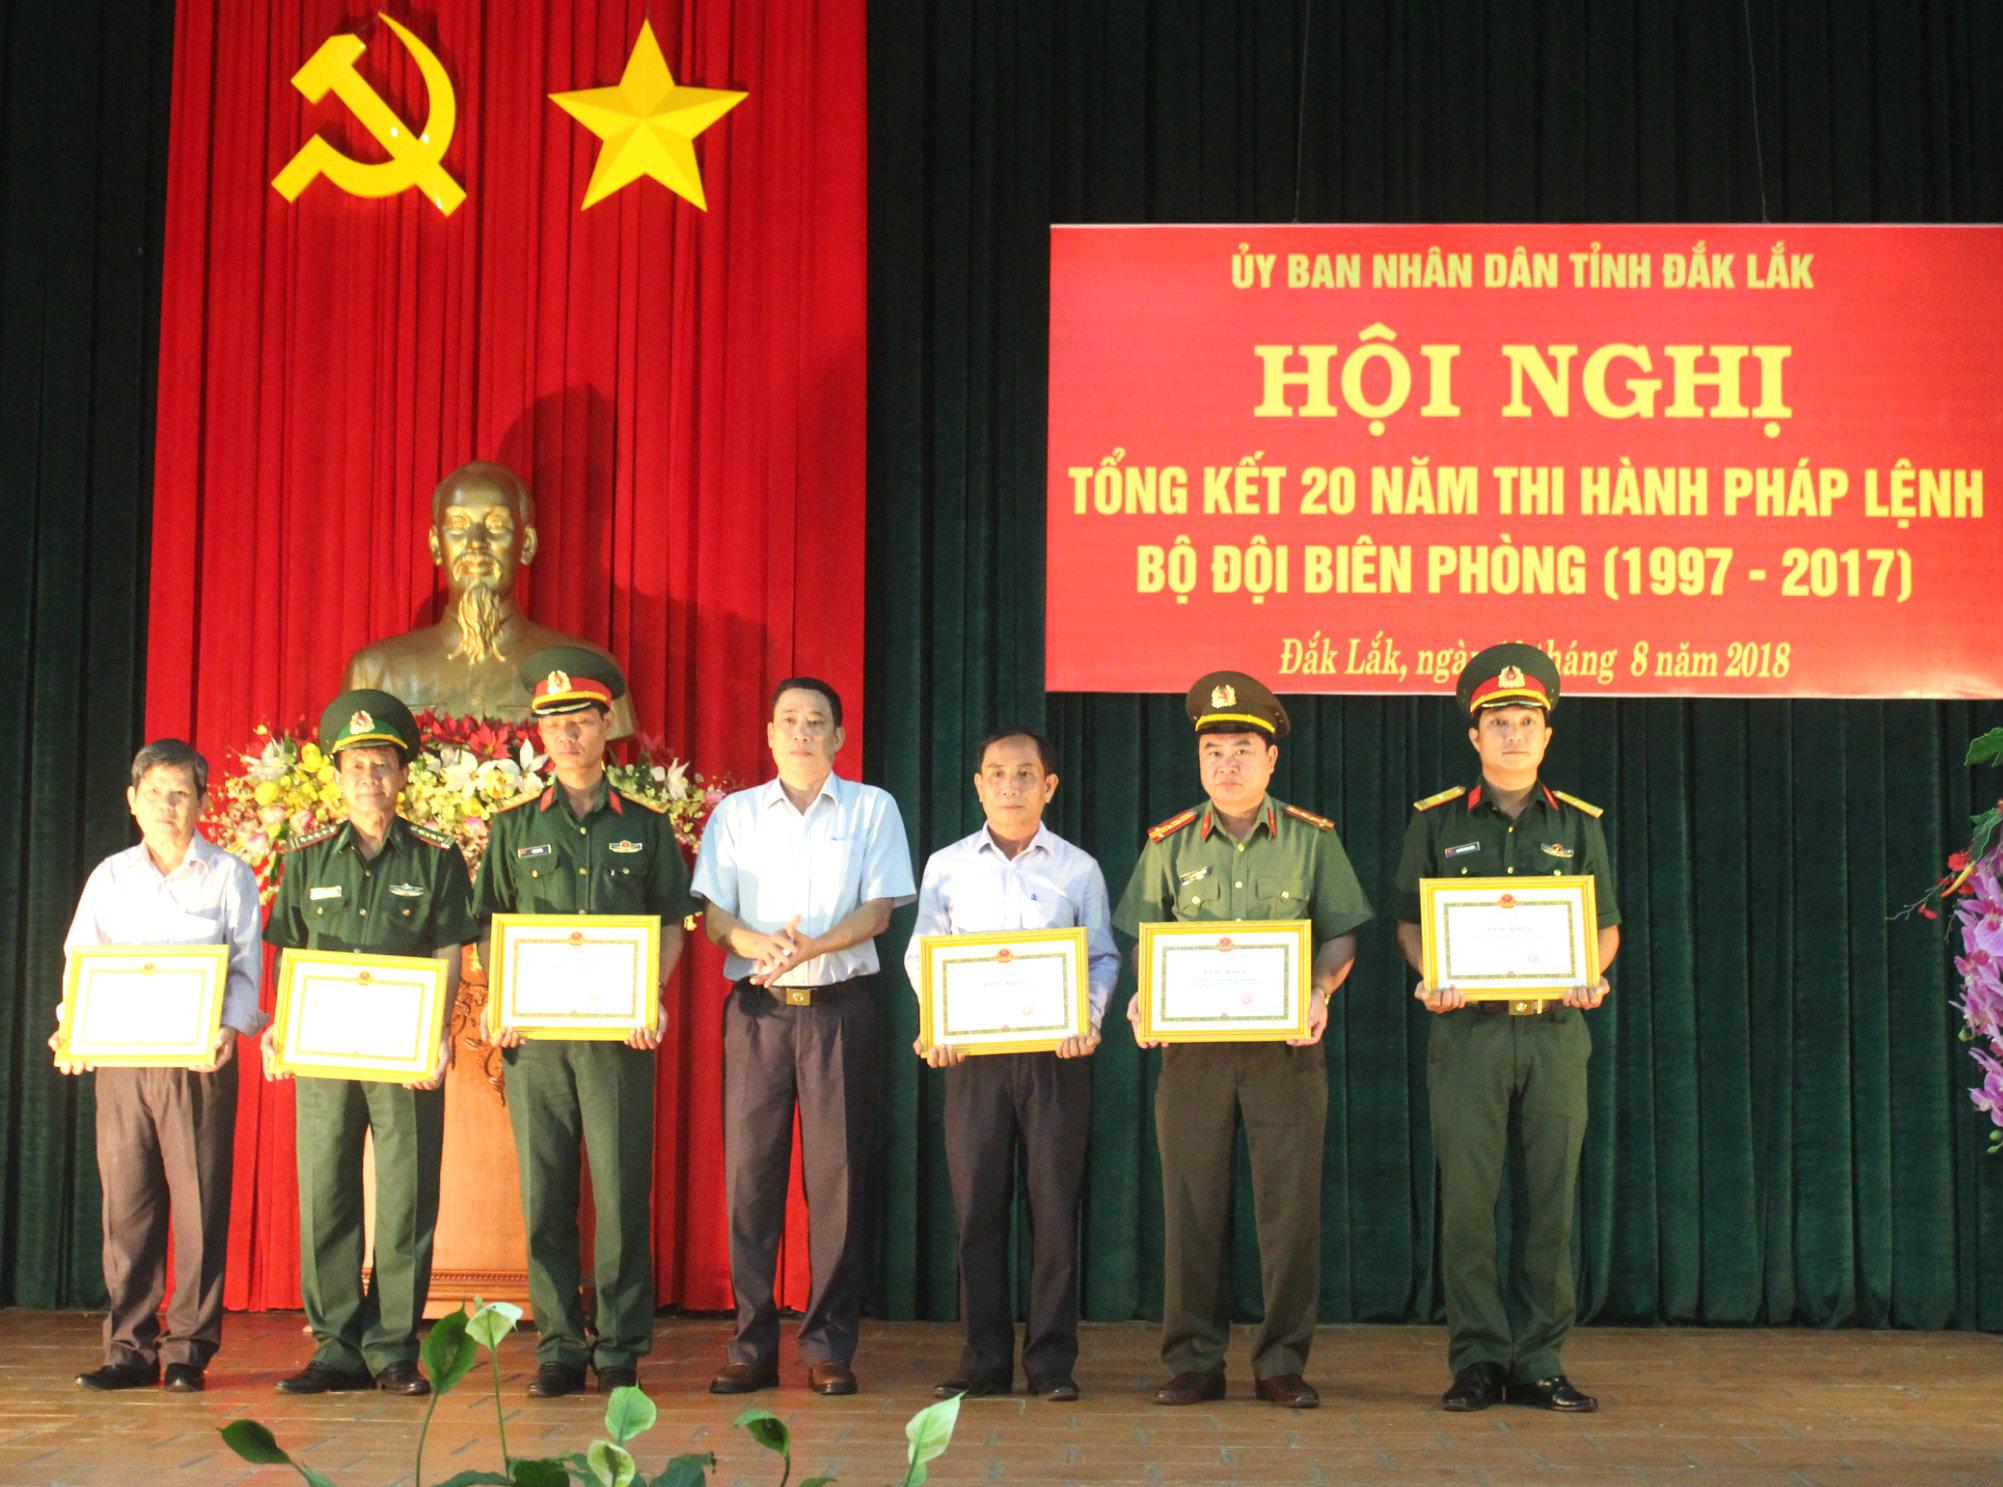 Pháp lệnh BĐBP được thực hiện hiệu quả, tạo chuyển biến tích cực ở Đắk Lắk, An Giang